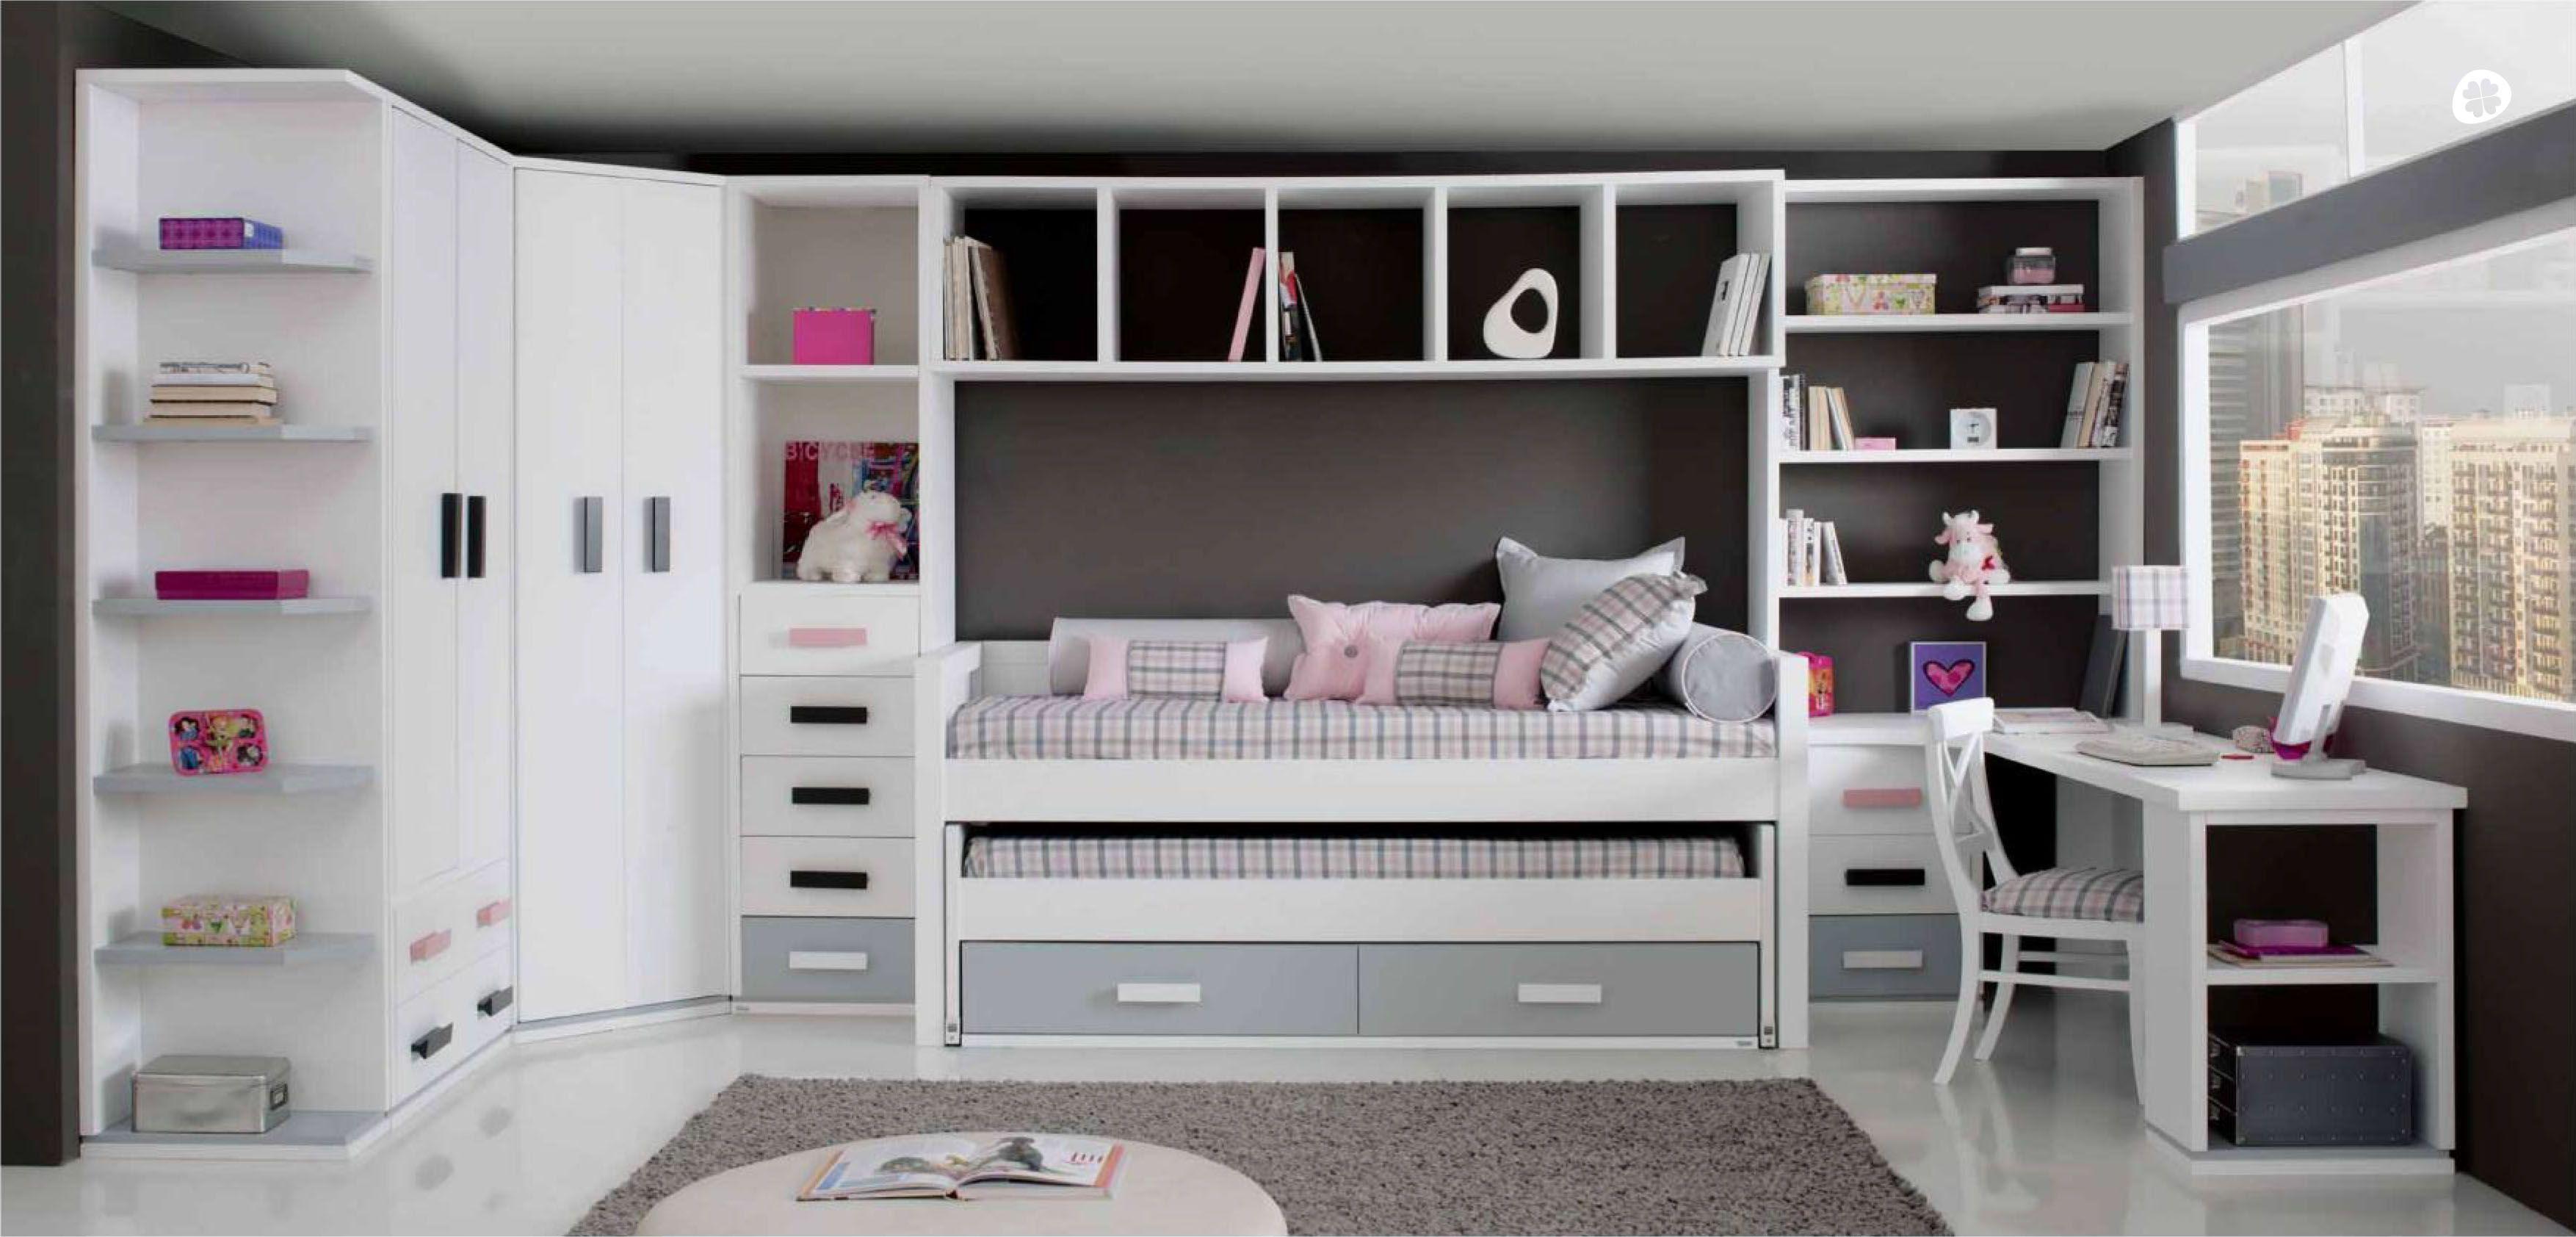 Dormitorio completo para ni os de tr bol escritorio y muebles tienen la posibilidad de hacerse - Muebles outlet madrid ...